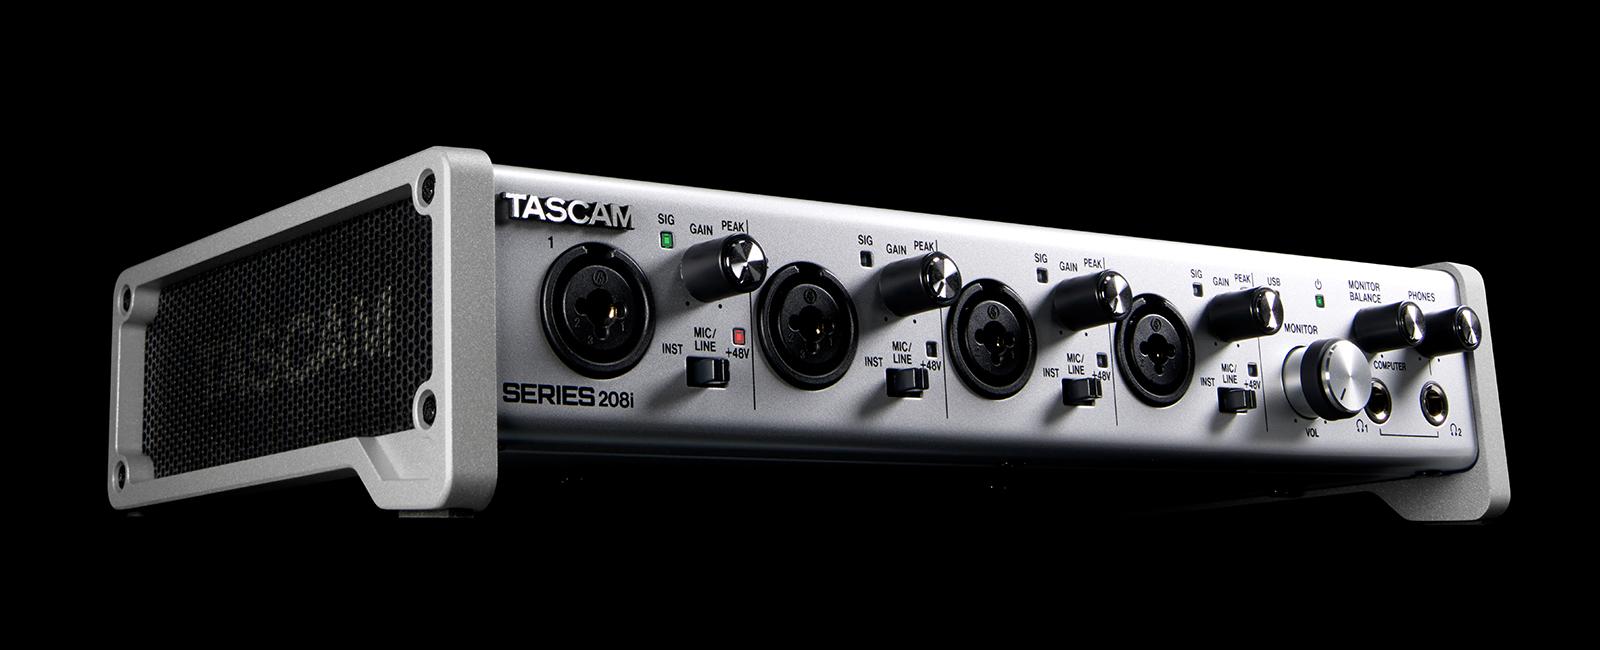 Giới thiệu sản phẩm Sound card thu âm Tascam series 208i